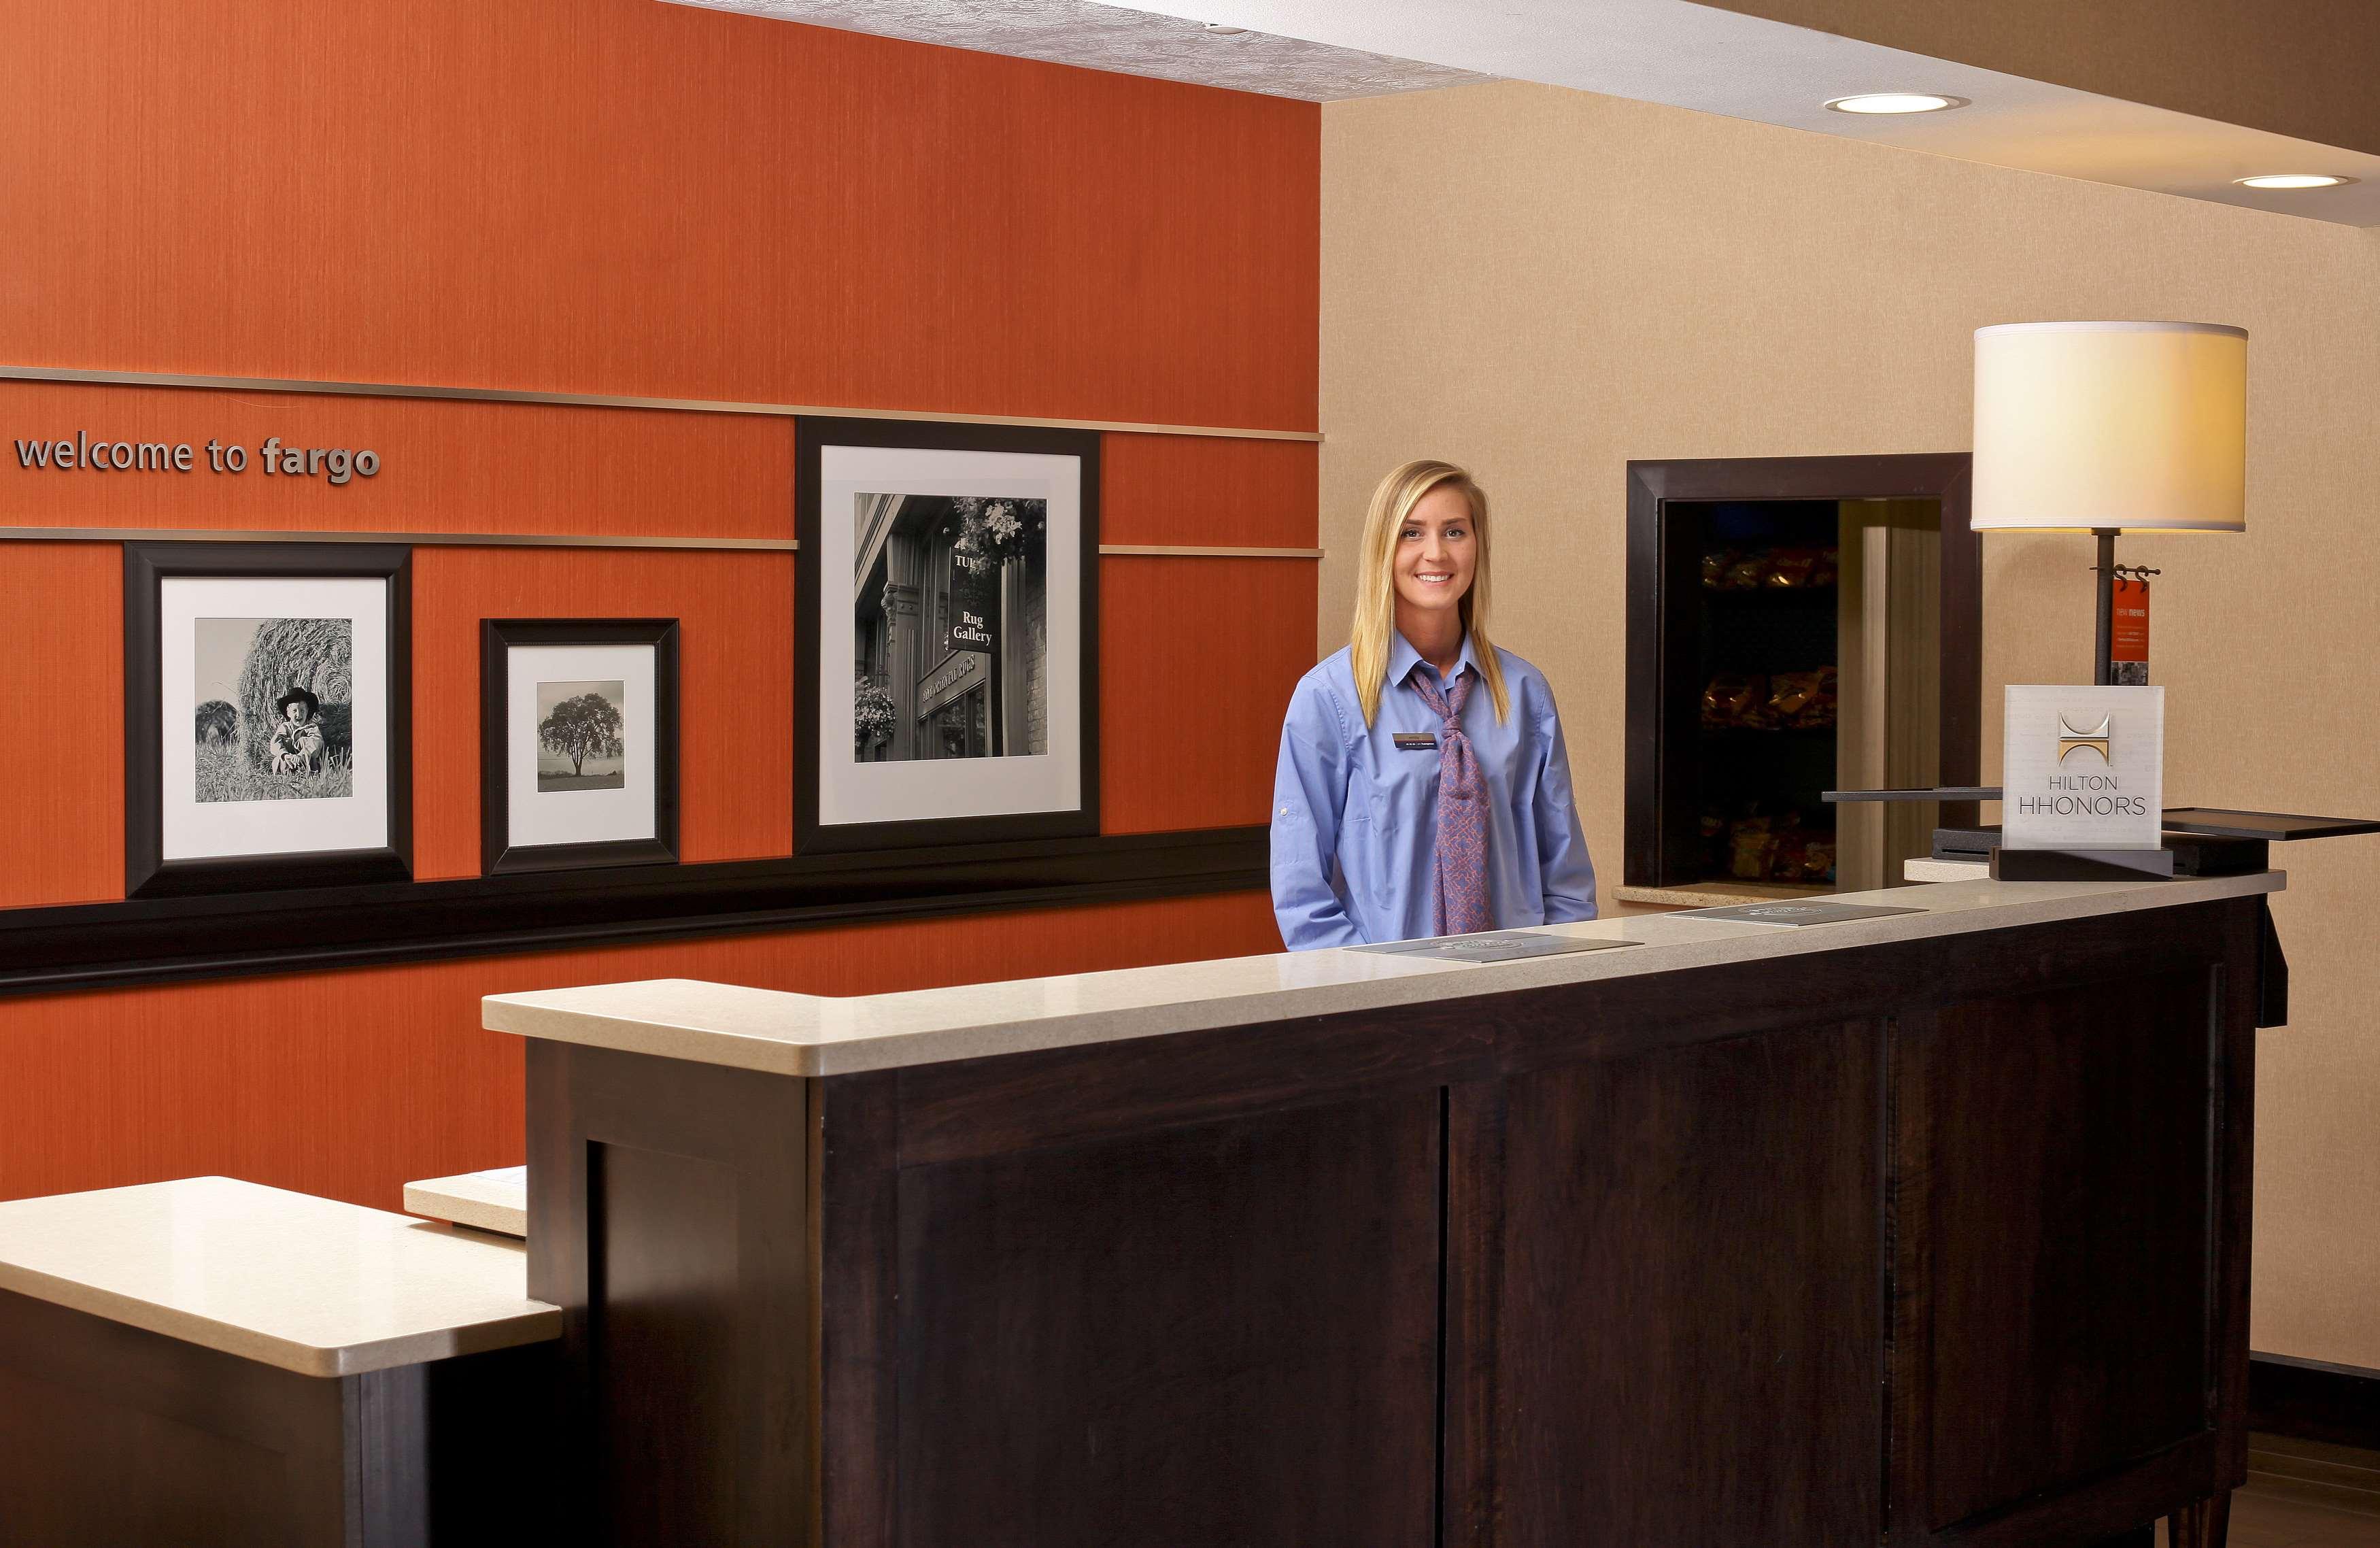 Hampton Inn & Suites Fargo image 3